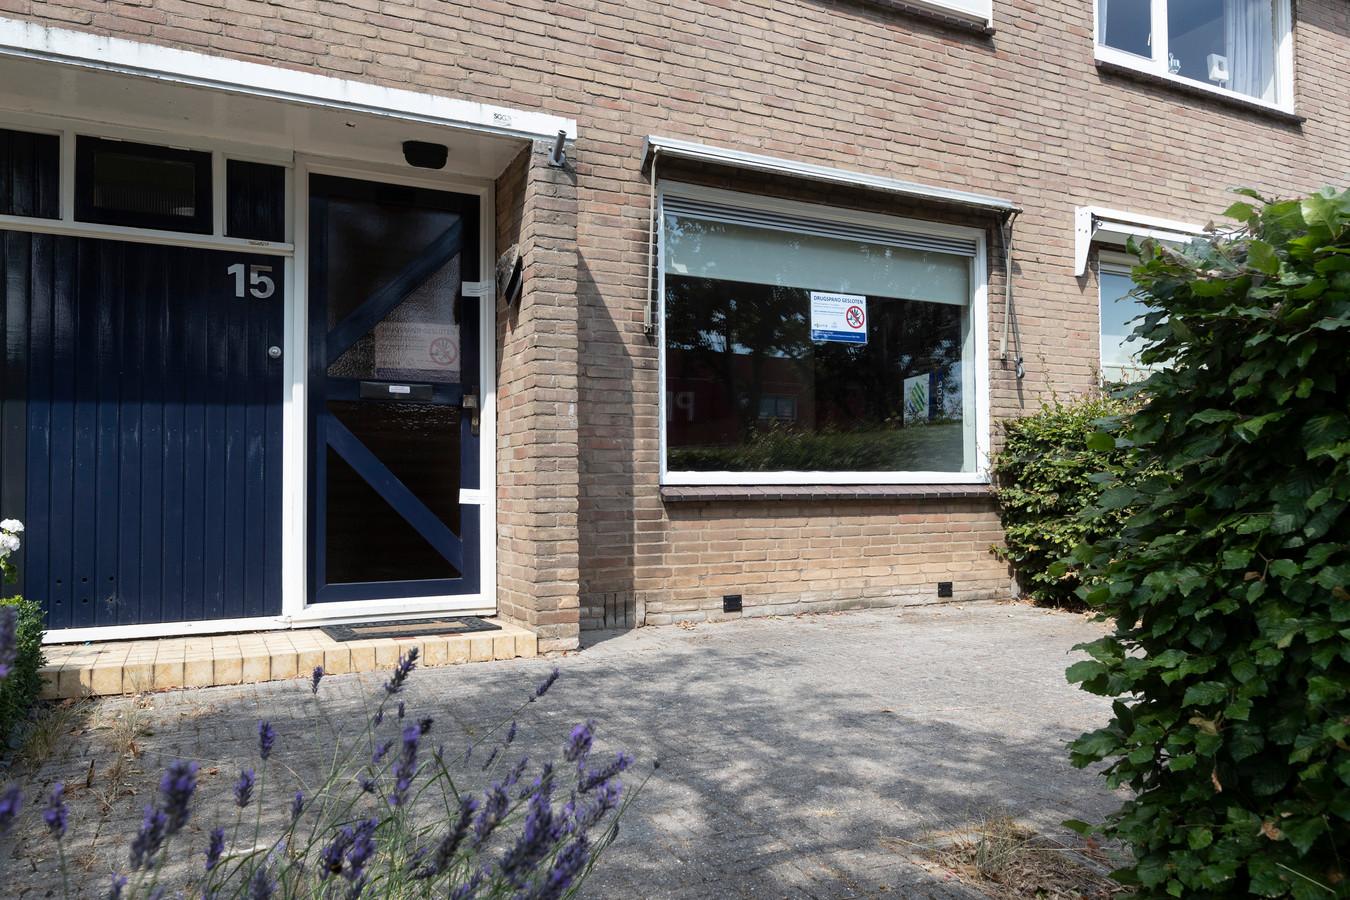 Op last van de burgemeester werd een drugspand aan de Paulus Potterstraat 15 in Zutphen gesloten. Het pand staat direct tegenover een basisschool.